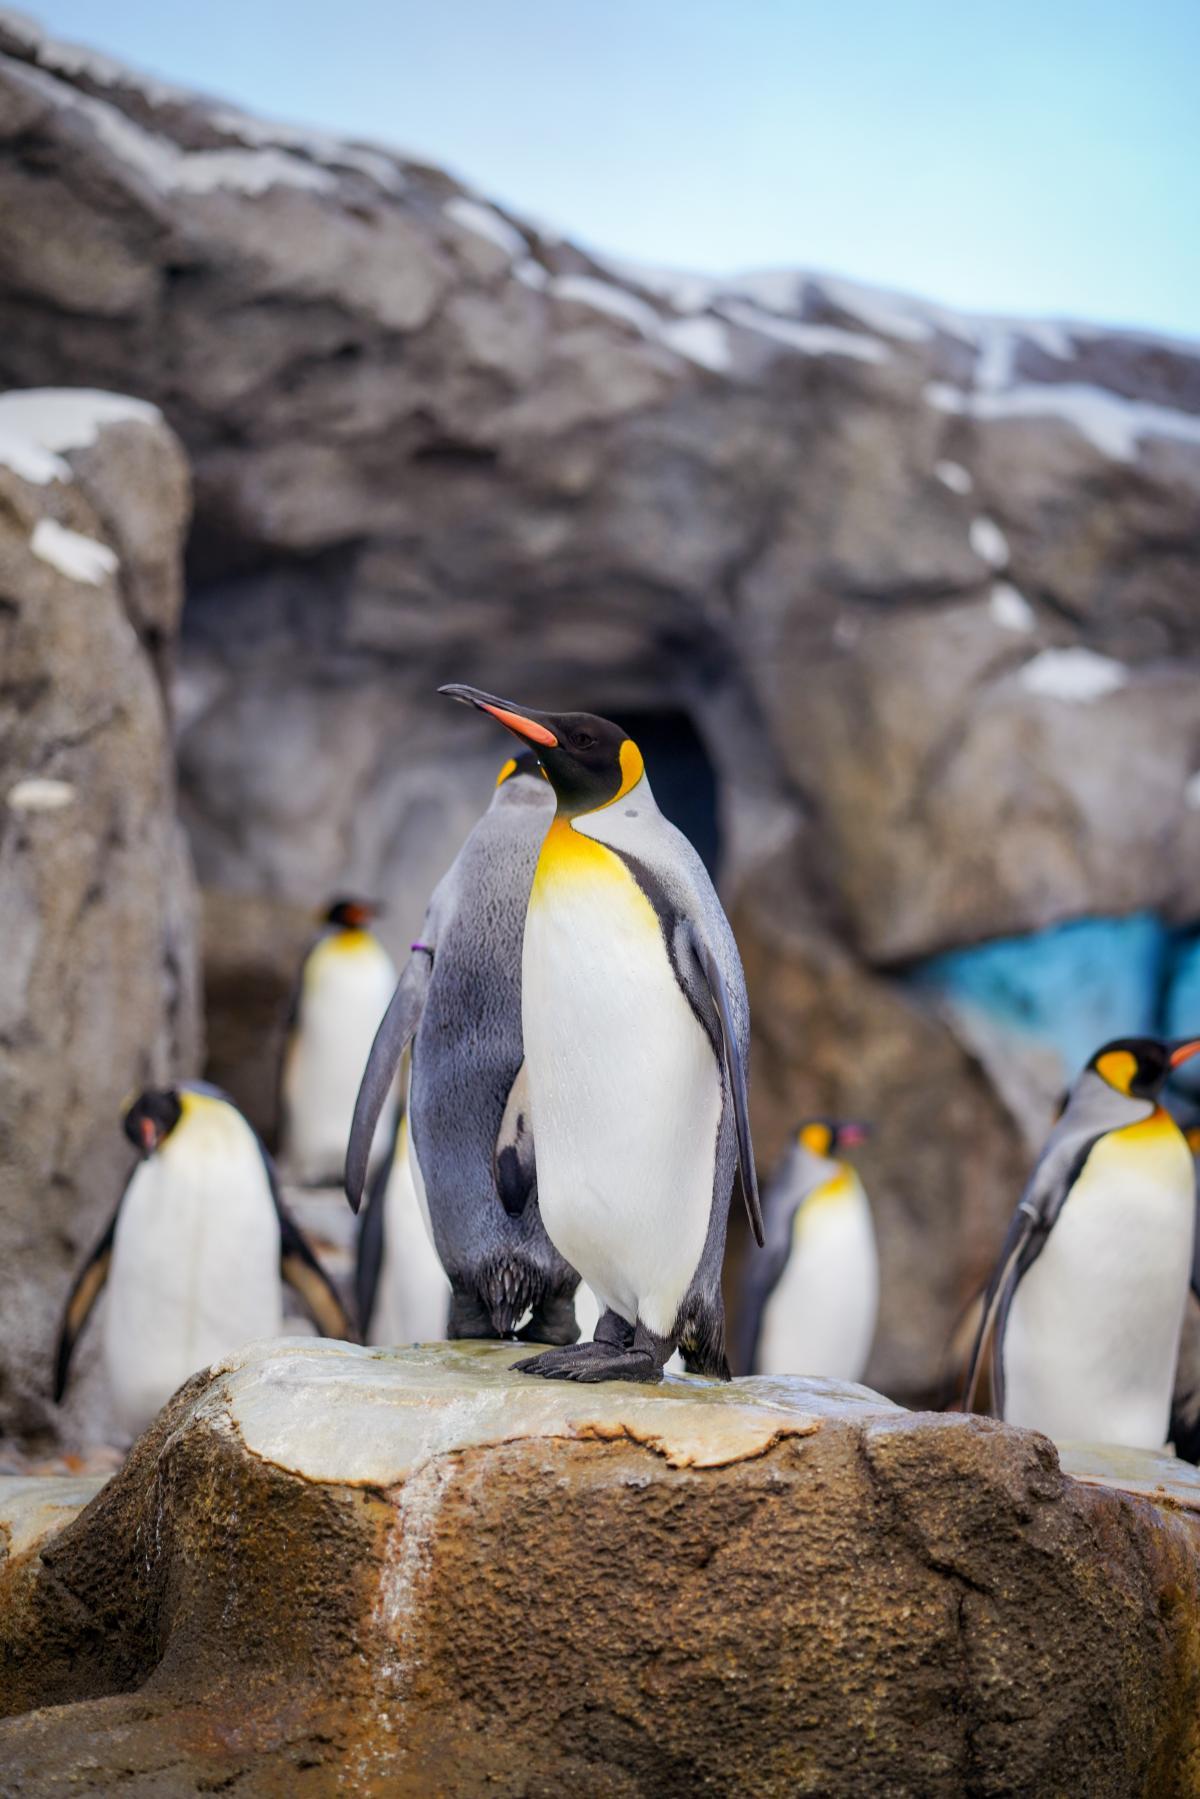 King penguin Penguin Seabird #282613